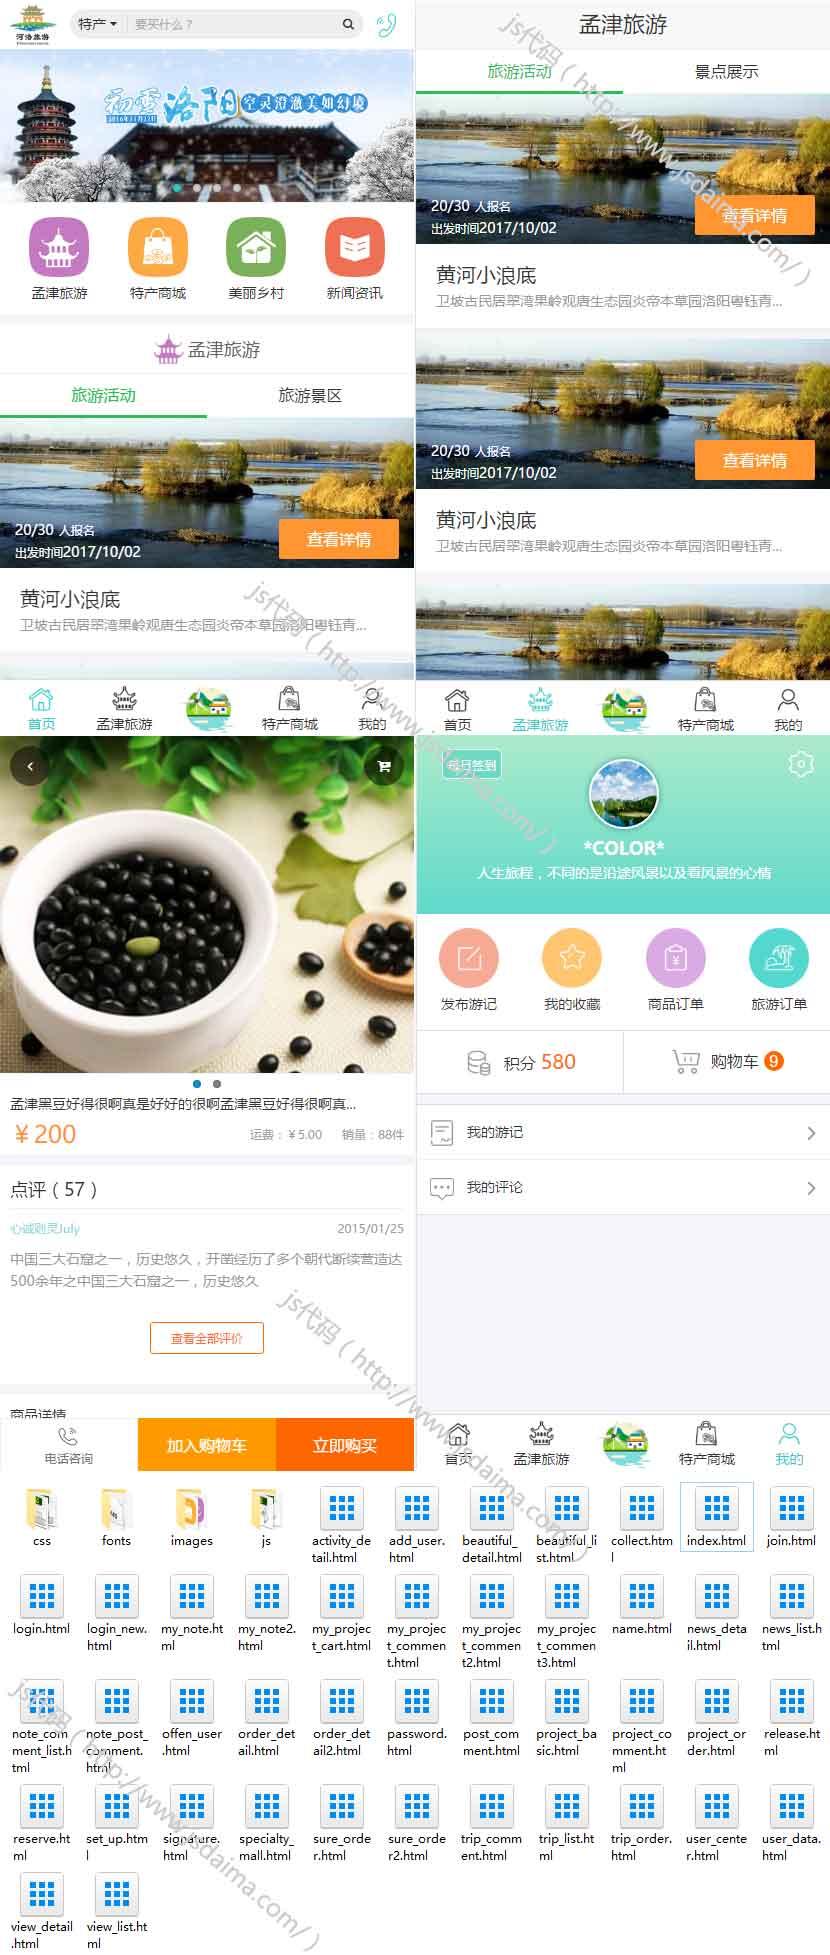 大型手机版综合旅游服务网站平台网站模板整站下载